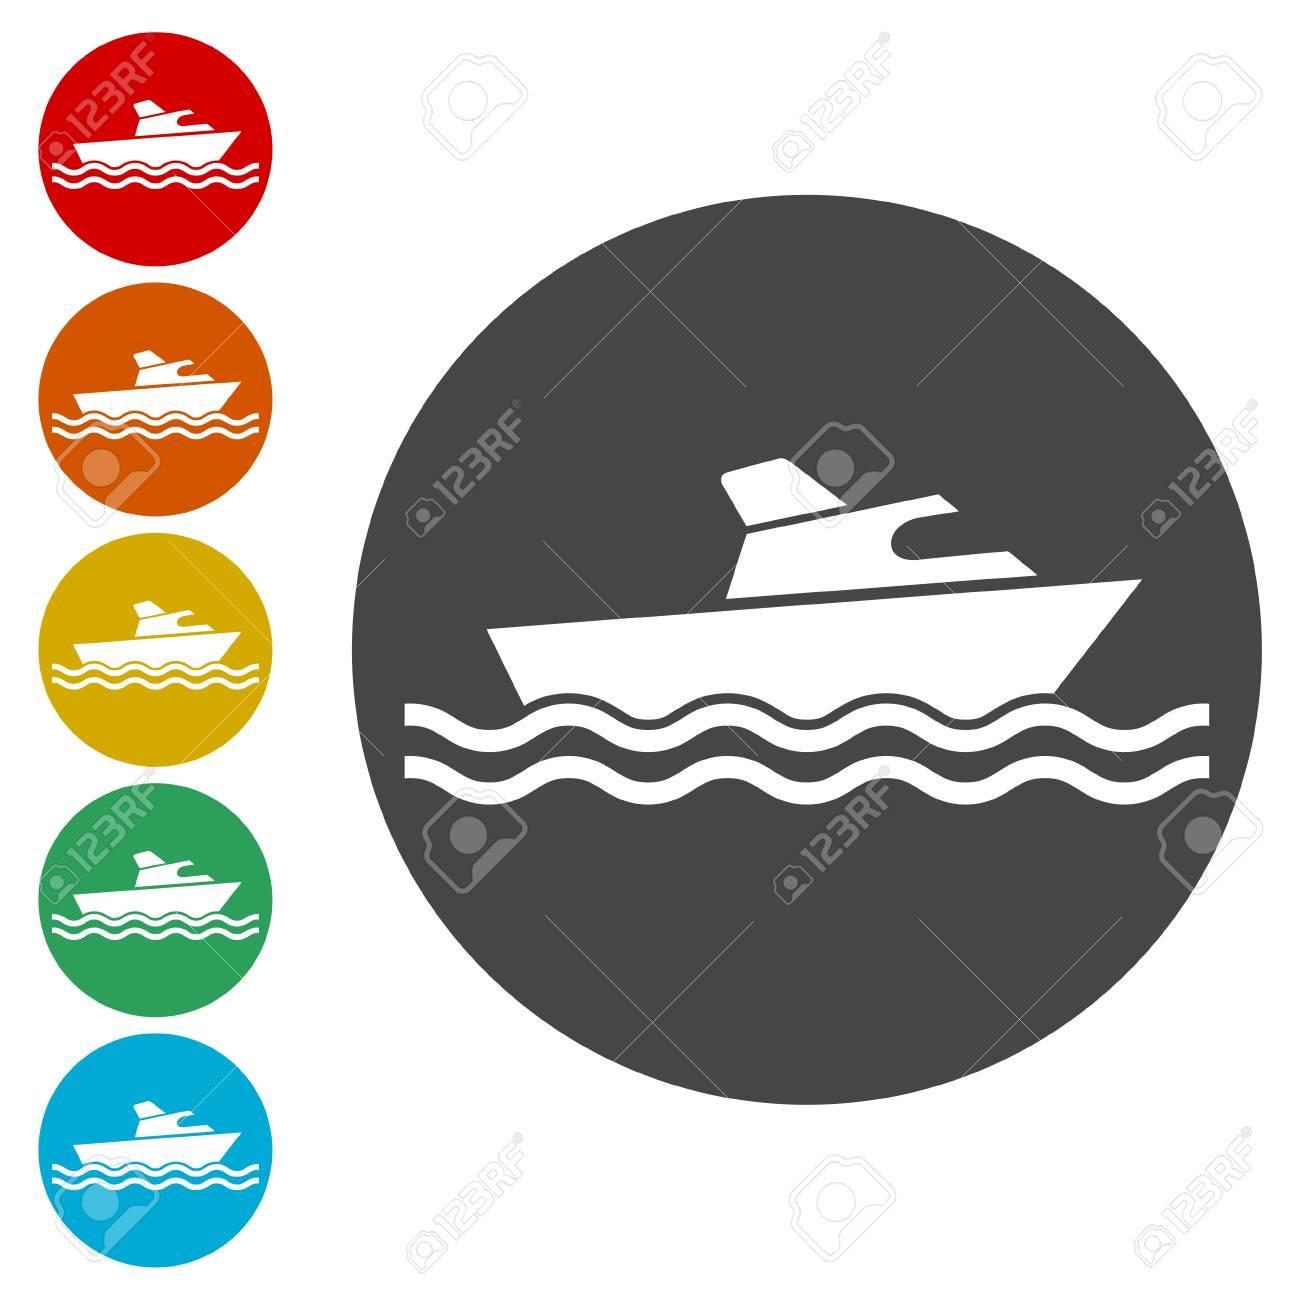 Fishing boat icons set - 108908977